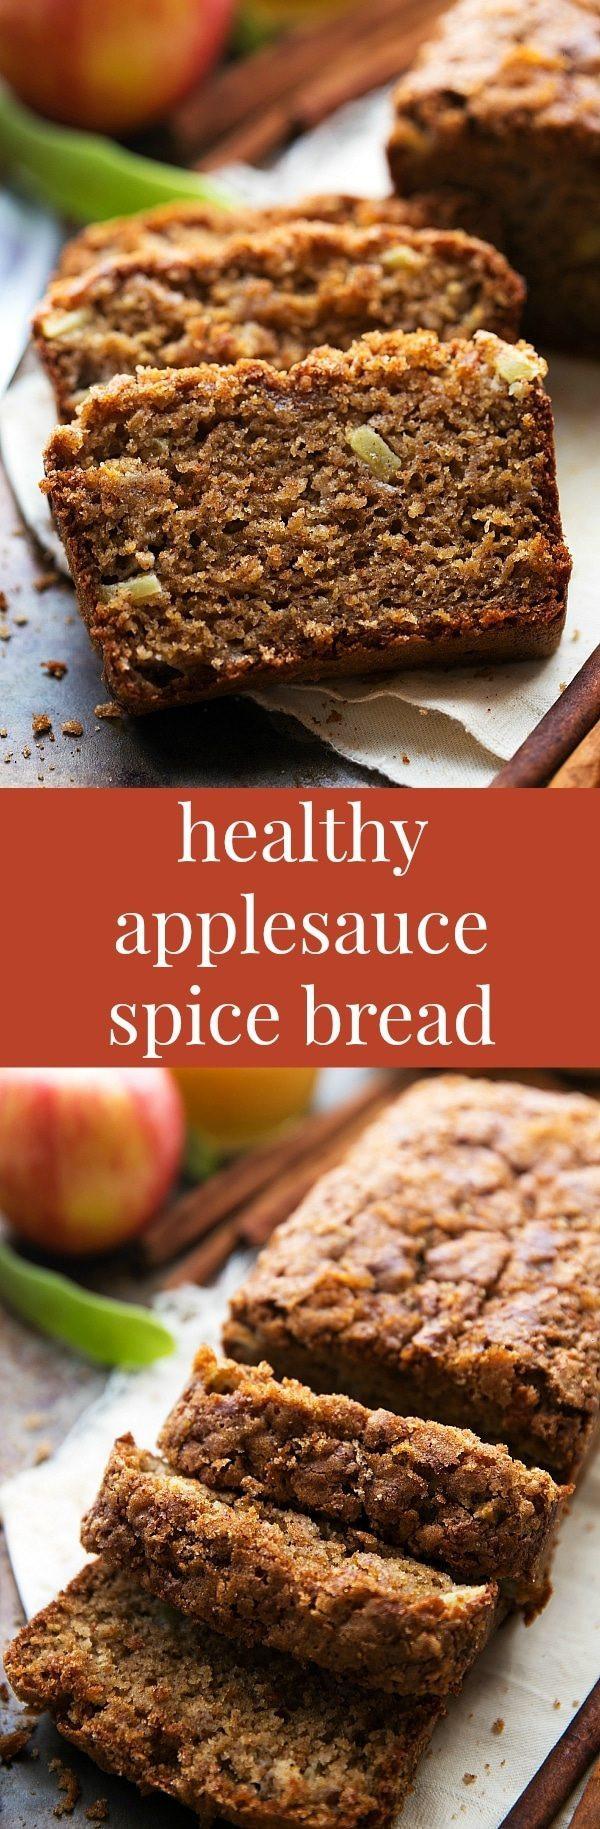 Healthy Applesauce Recipe  healthy applesauce bread recipe